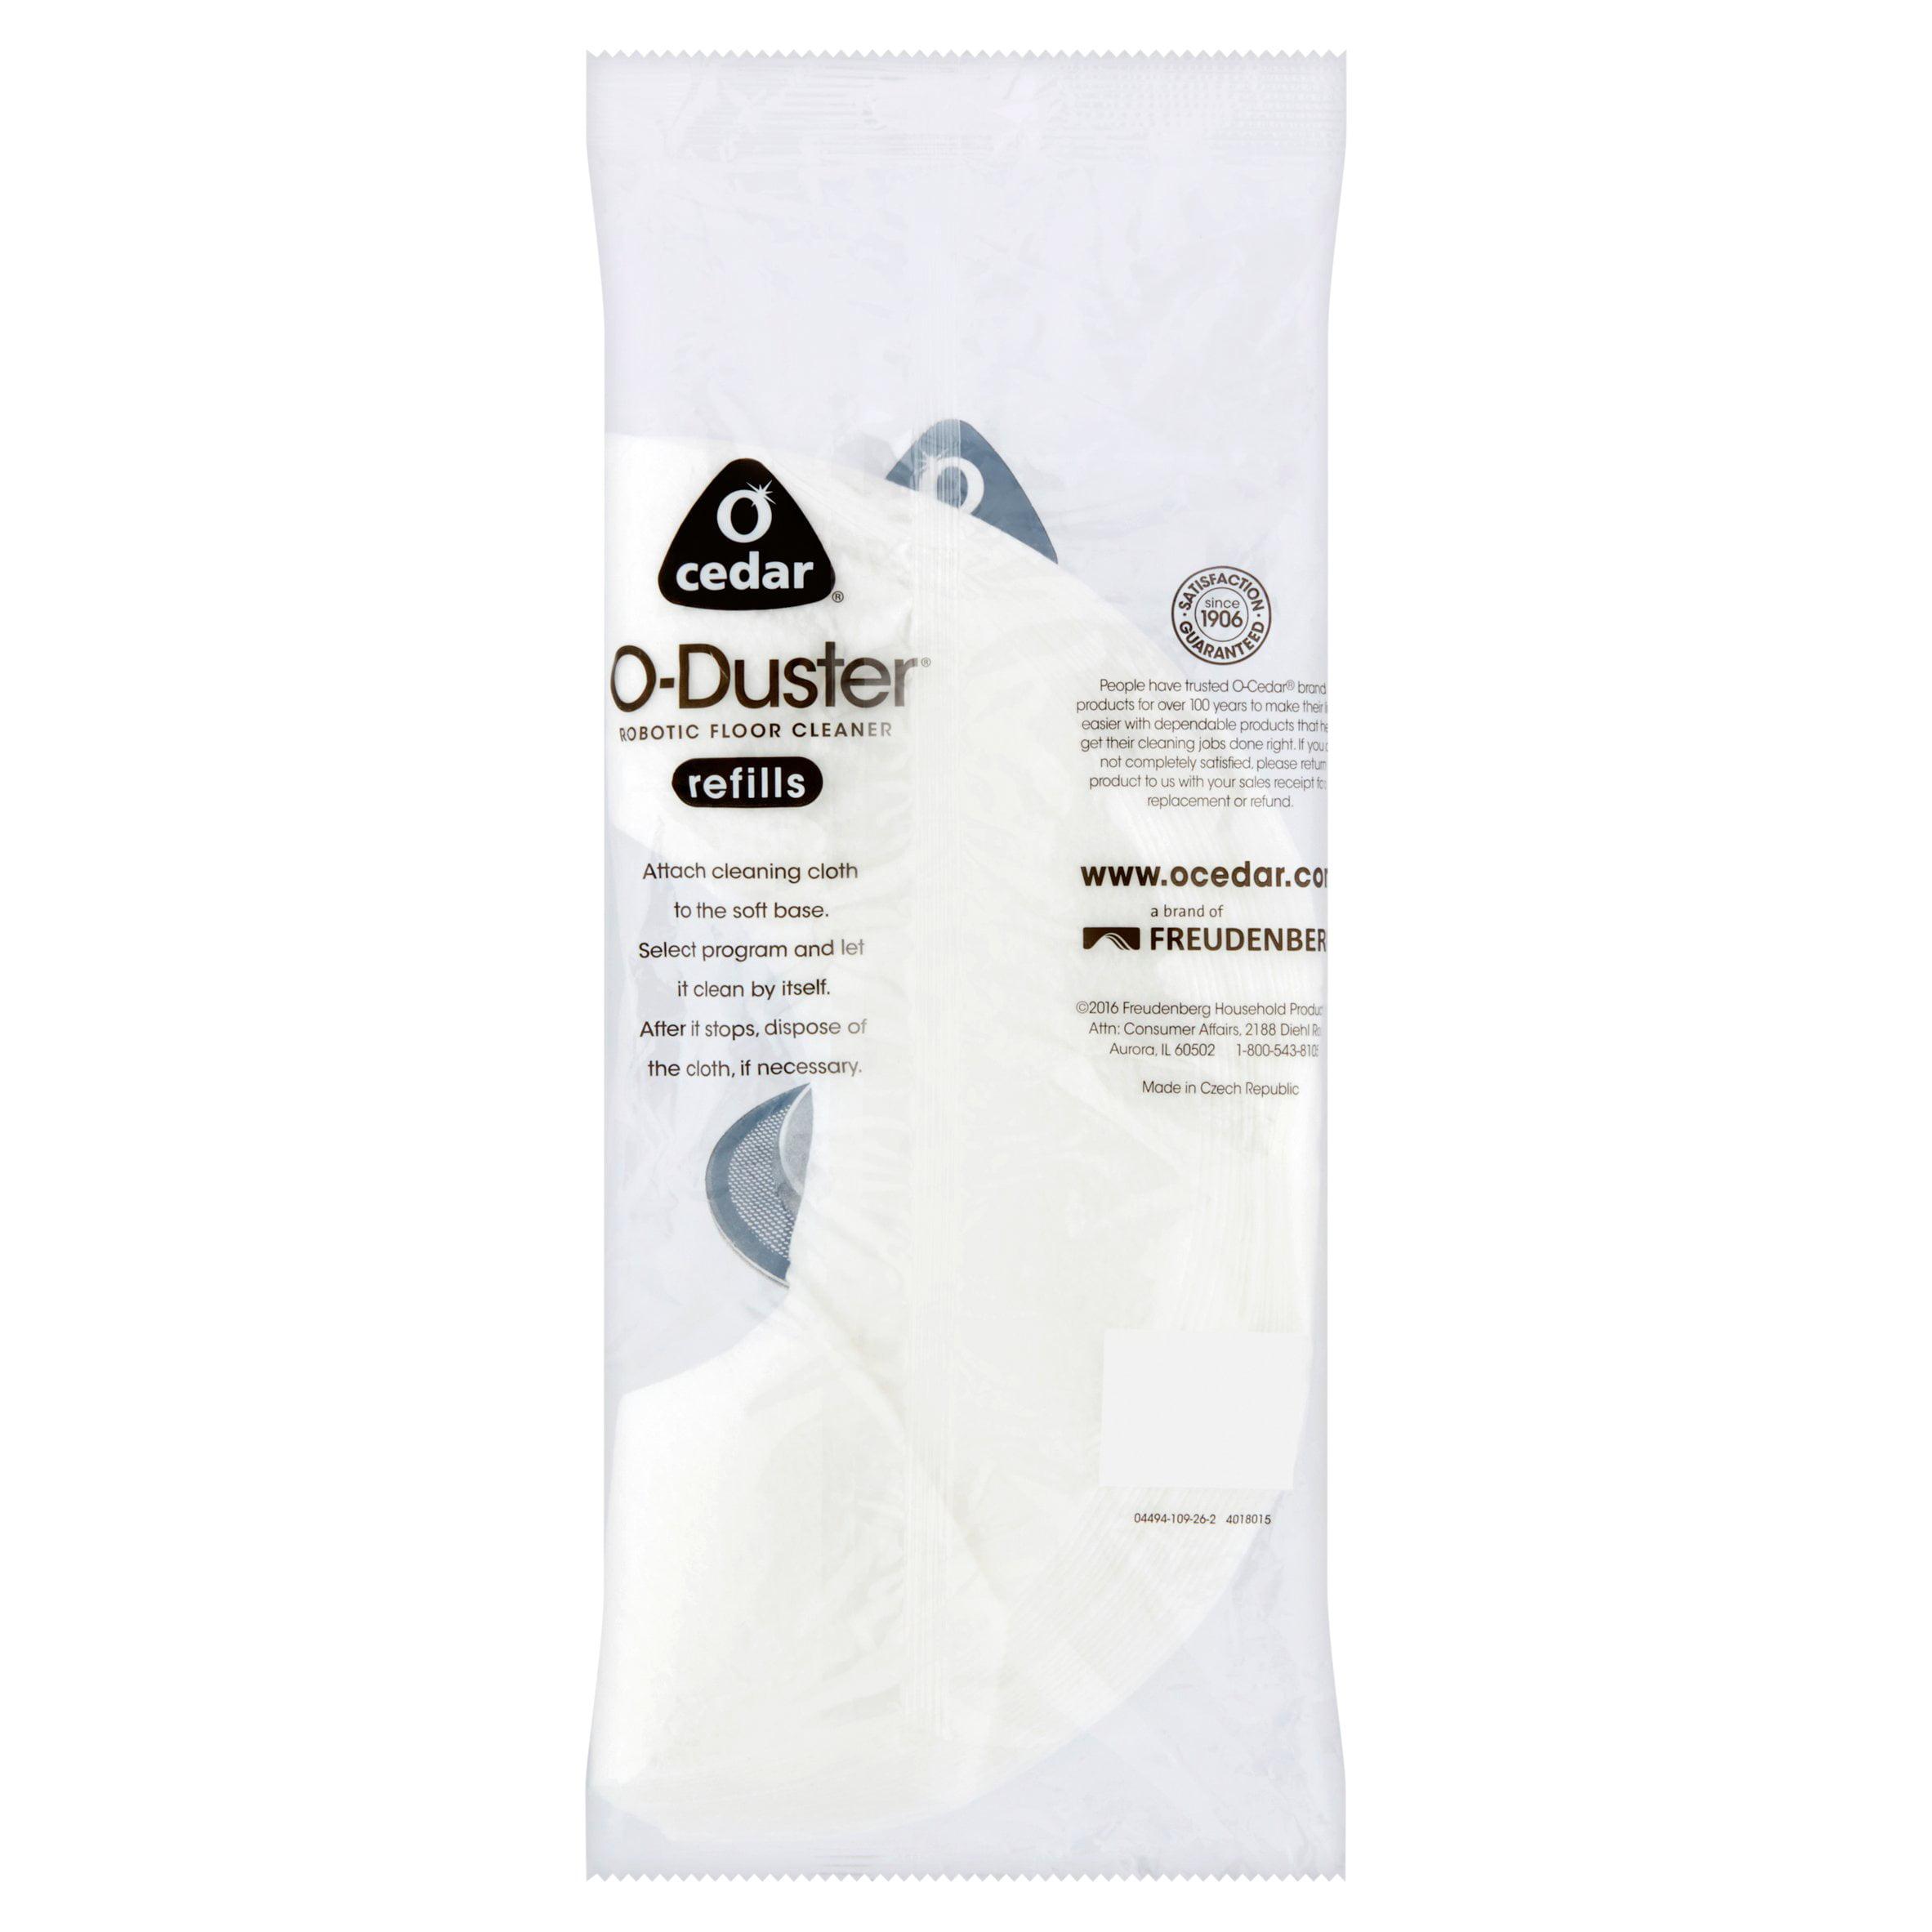 o-cedar o-duster robotic floor cleaner refills, 20 count - walmart